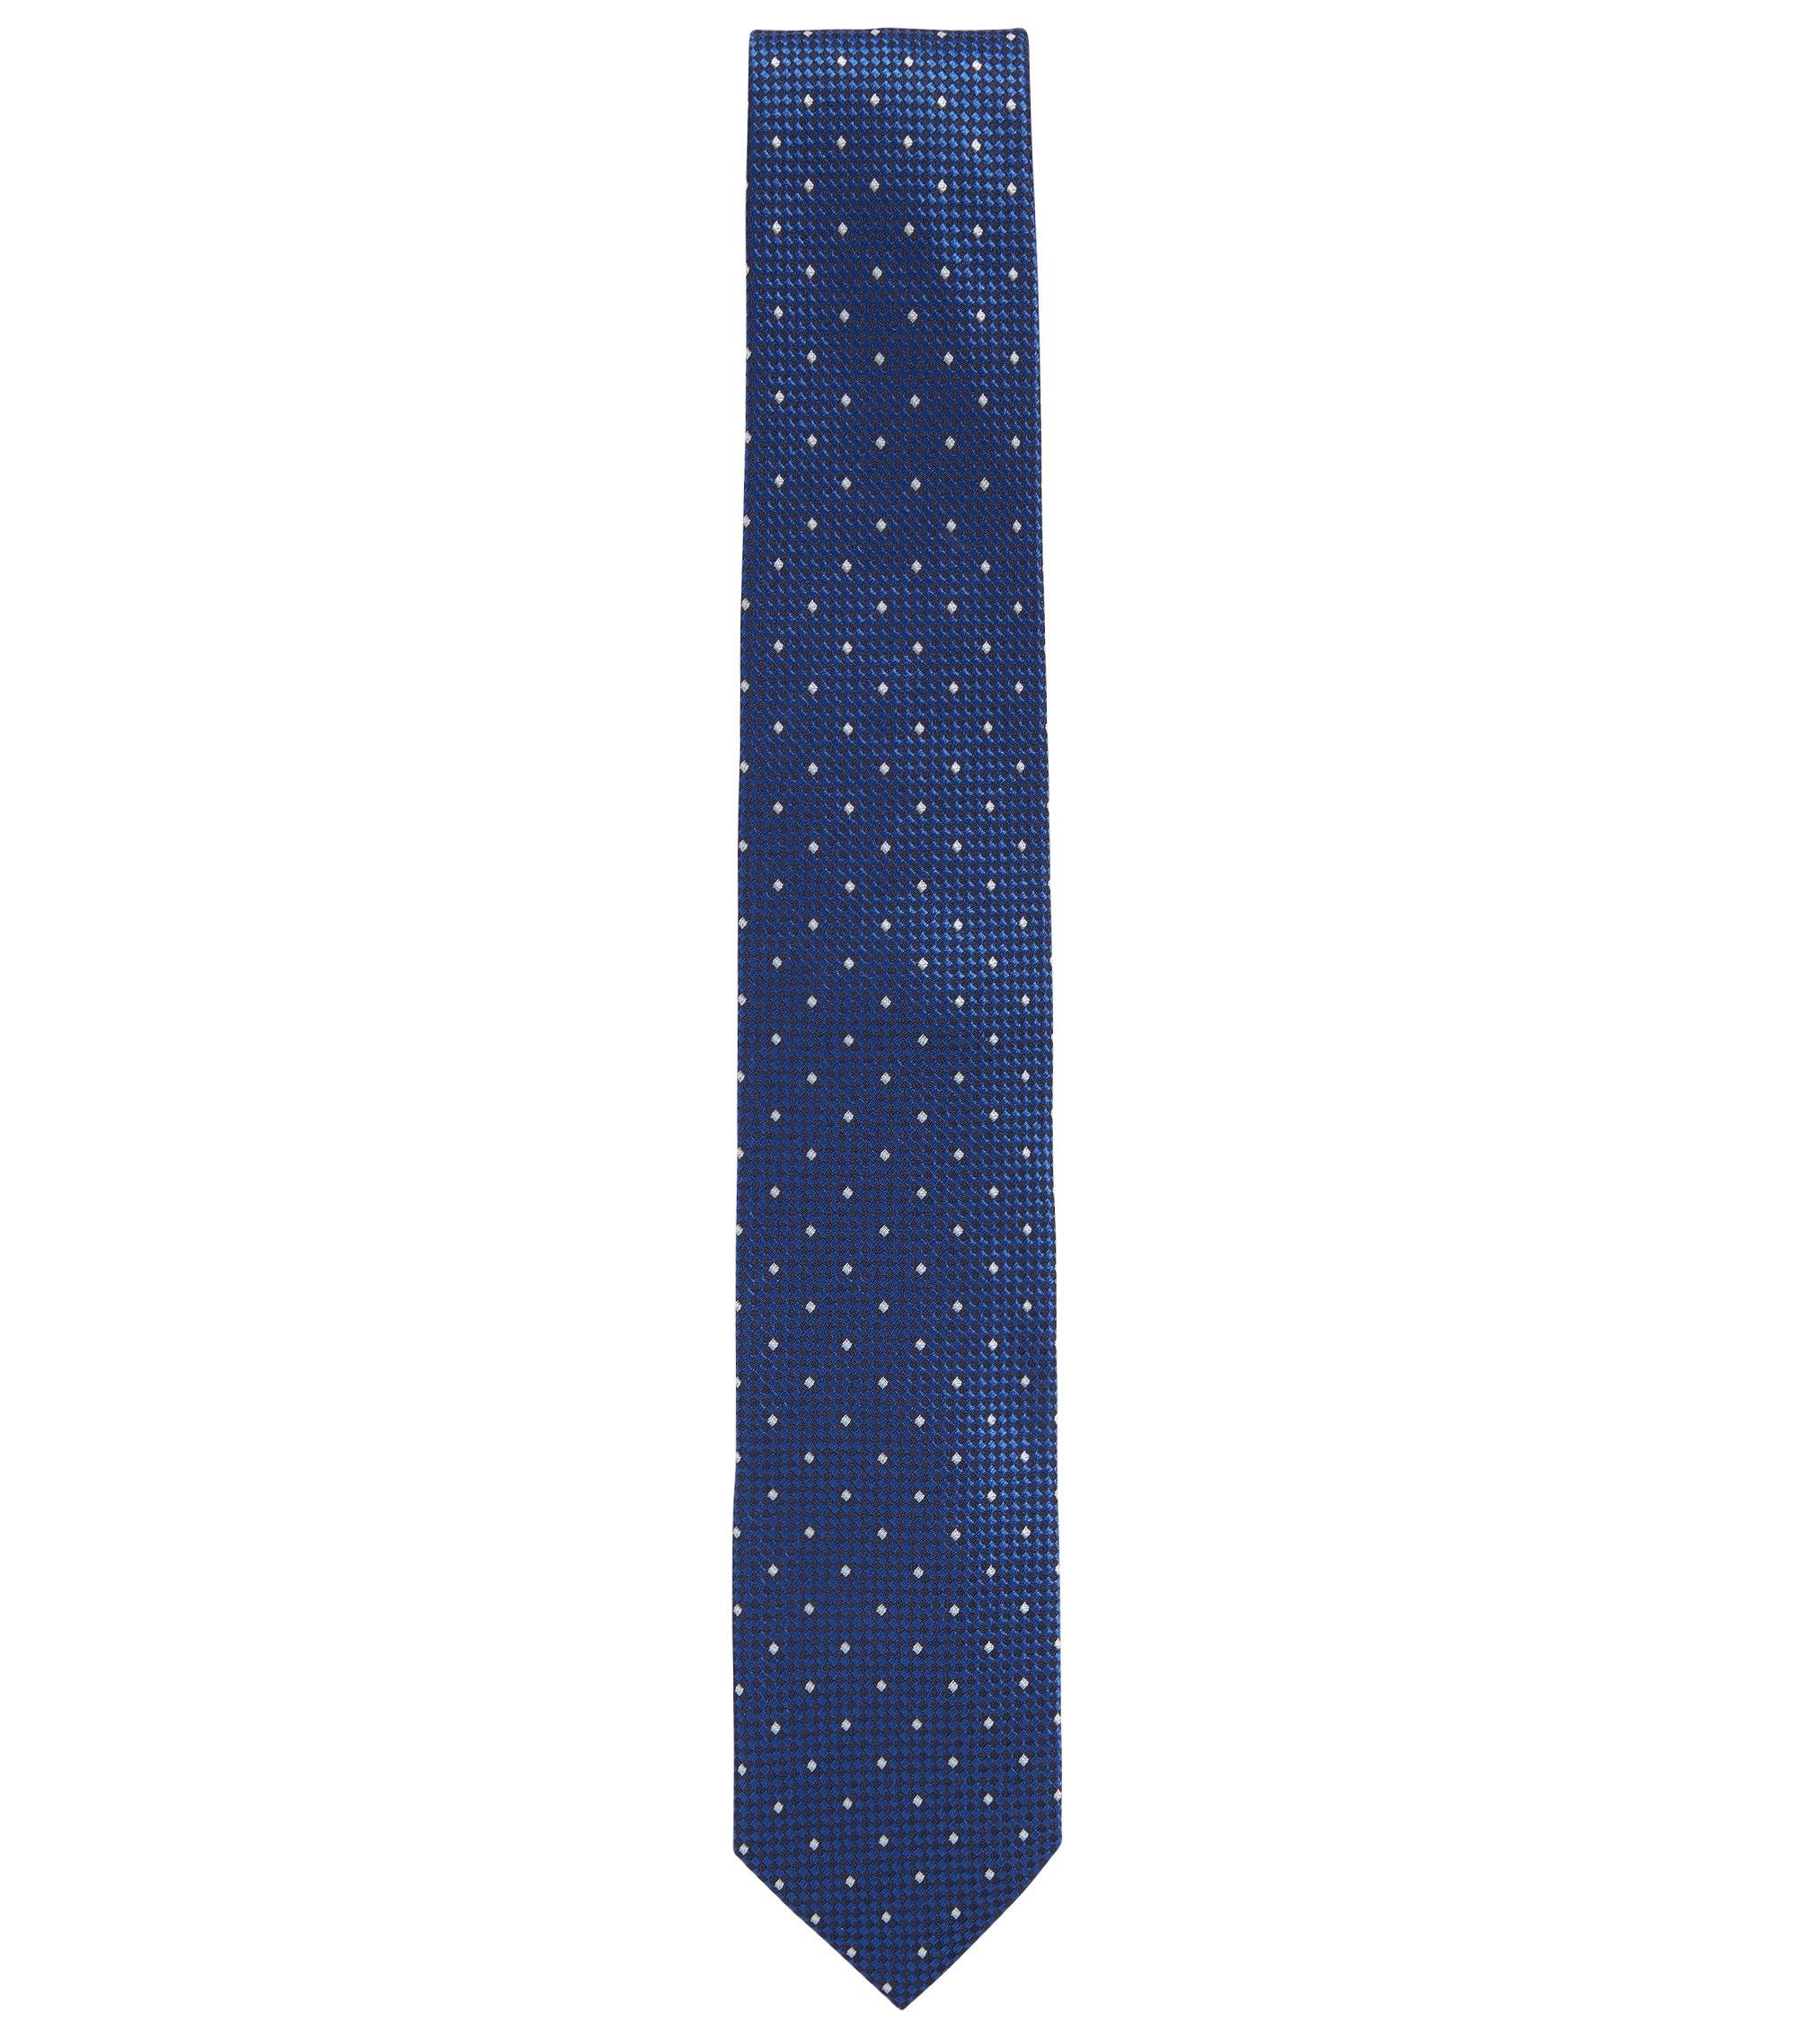 Cravatta jacquard in seta con microdisegni a contrasto, Blu scuro